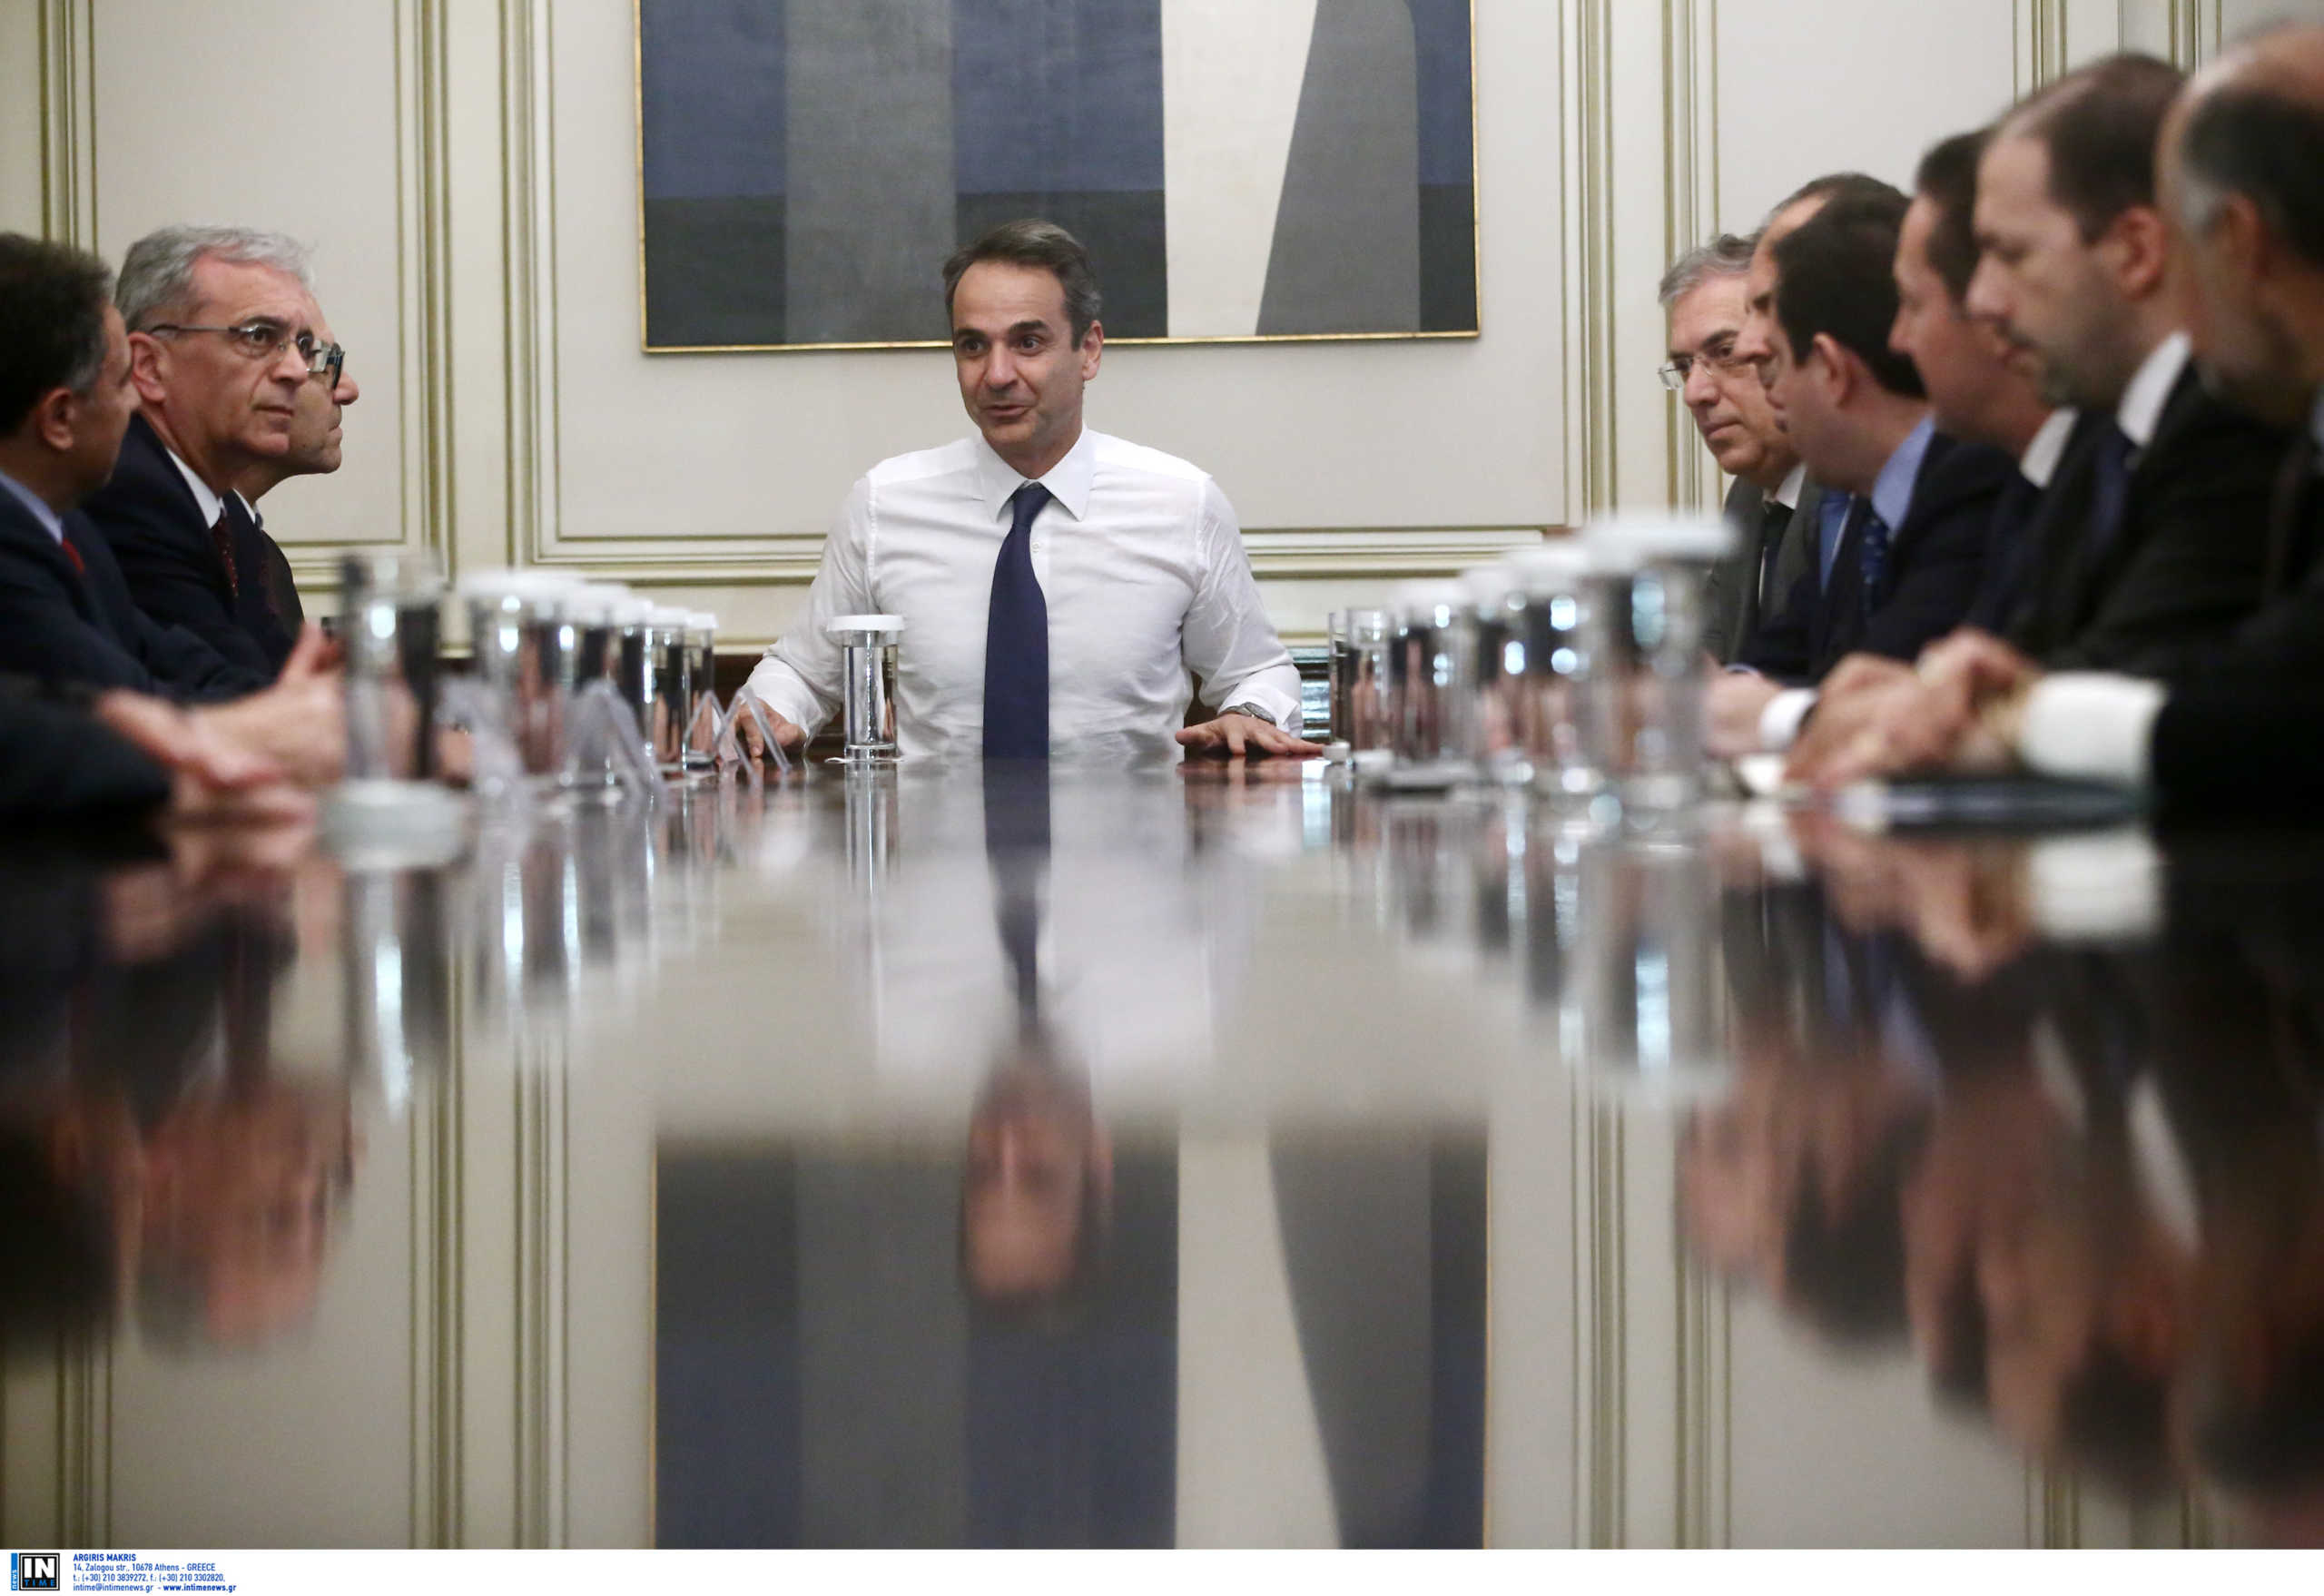 πρωθυπουργός - δήμαρχνοι Β. Αιγαίου